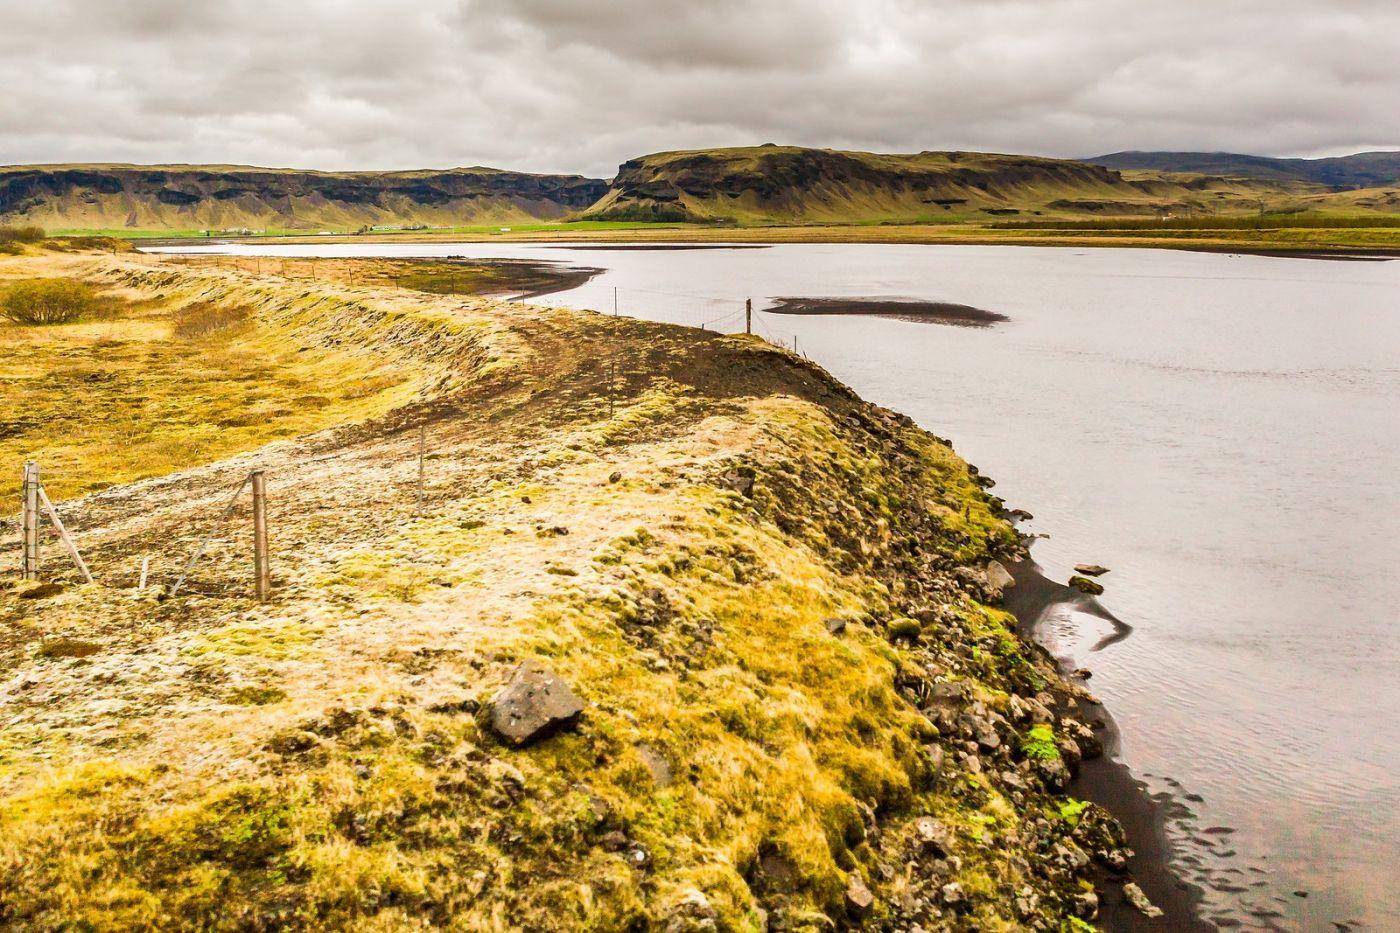 冰岛风采,那一片水景_图1-14